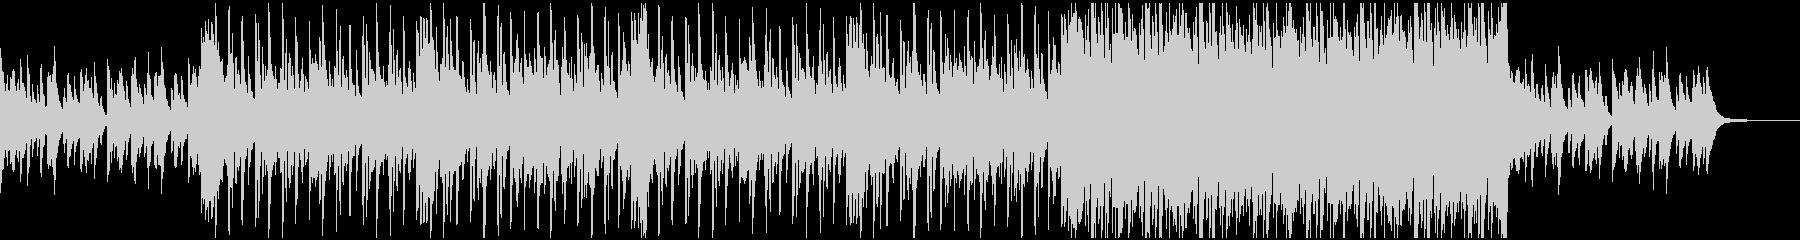 ピアノとドラムのヒーリングの未再生の波形